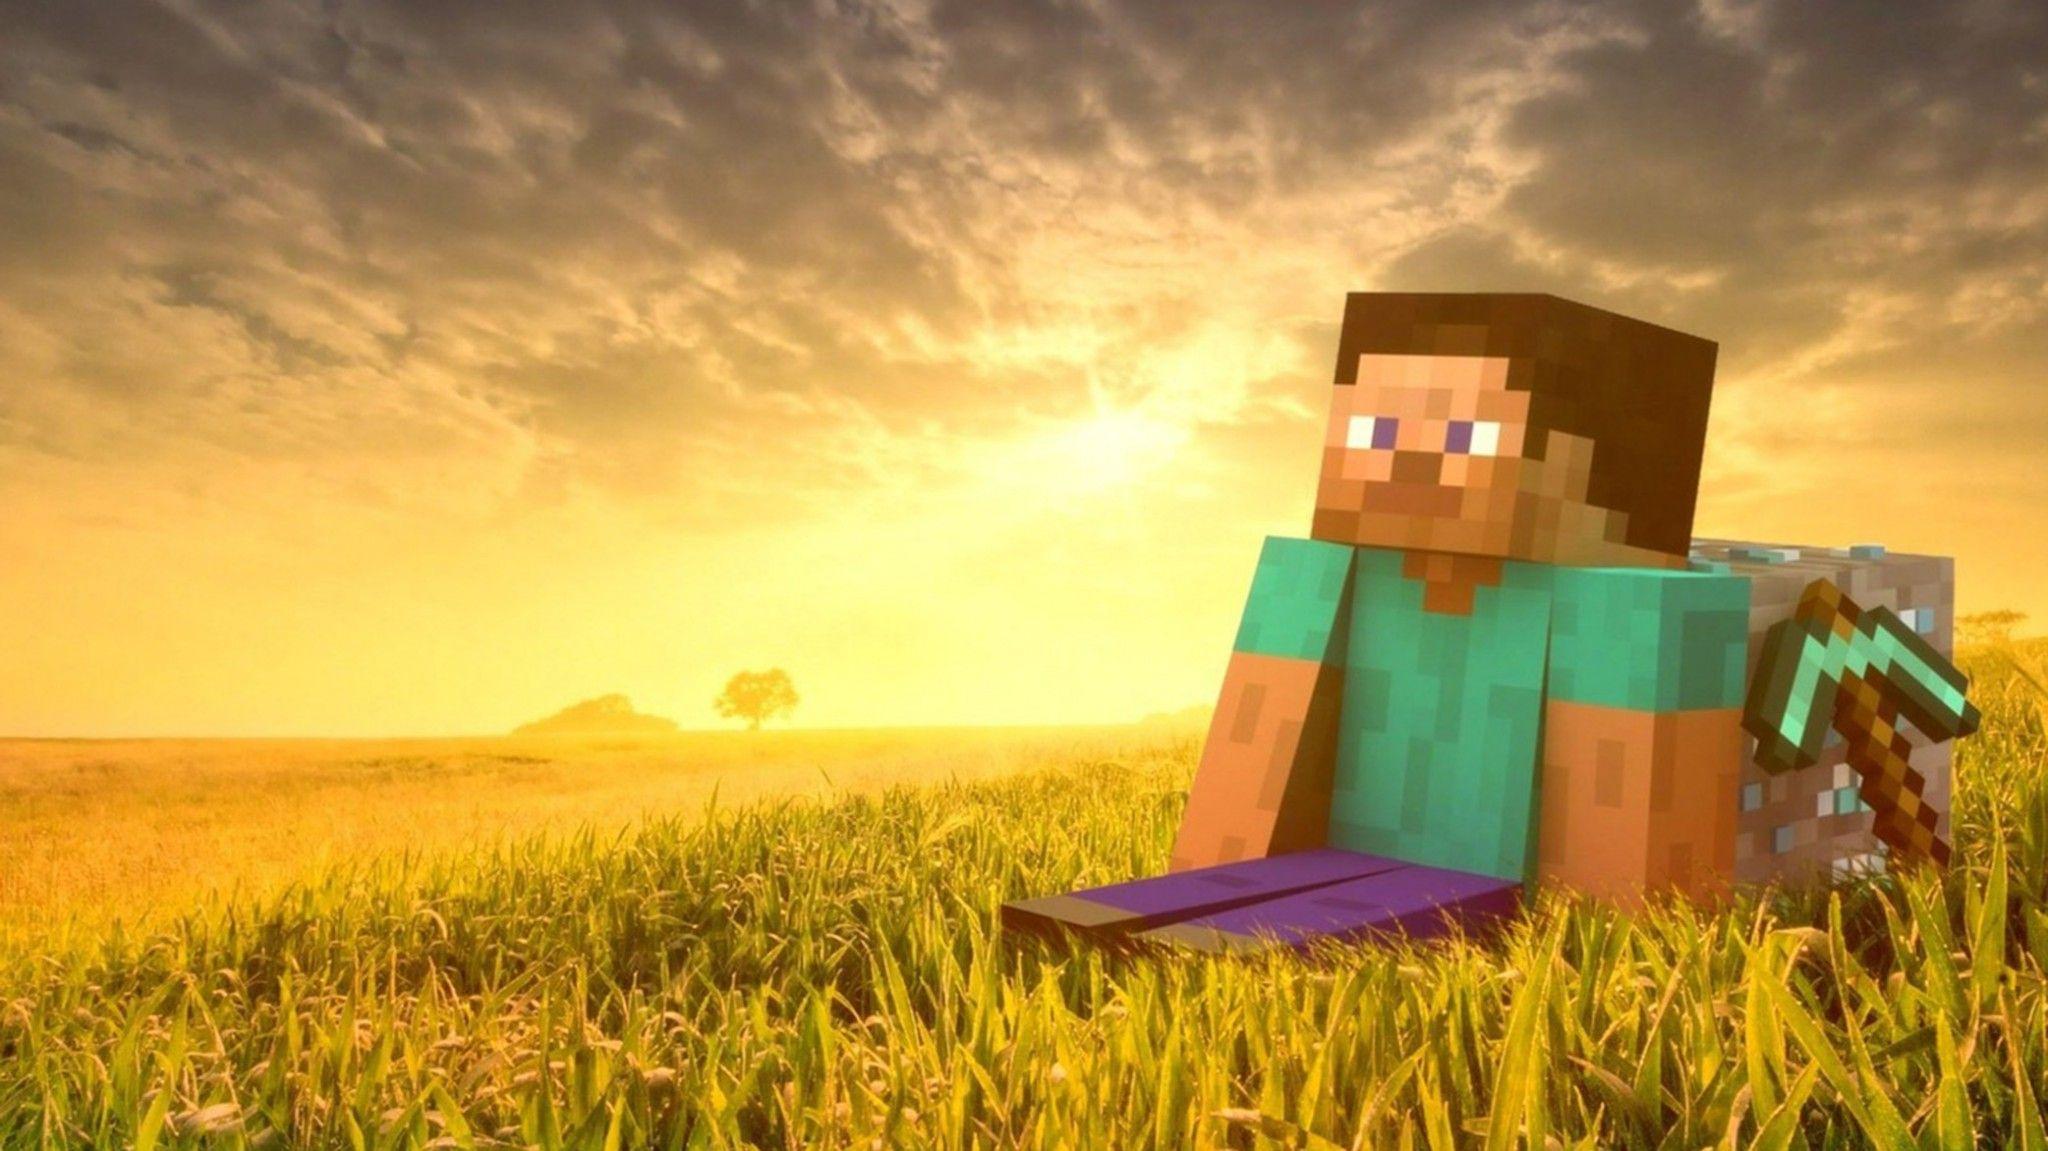 Minecraft magic | sweden se | minecraft